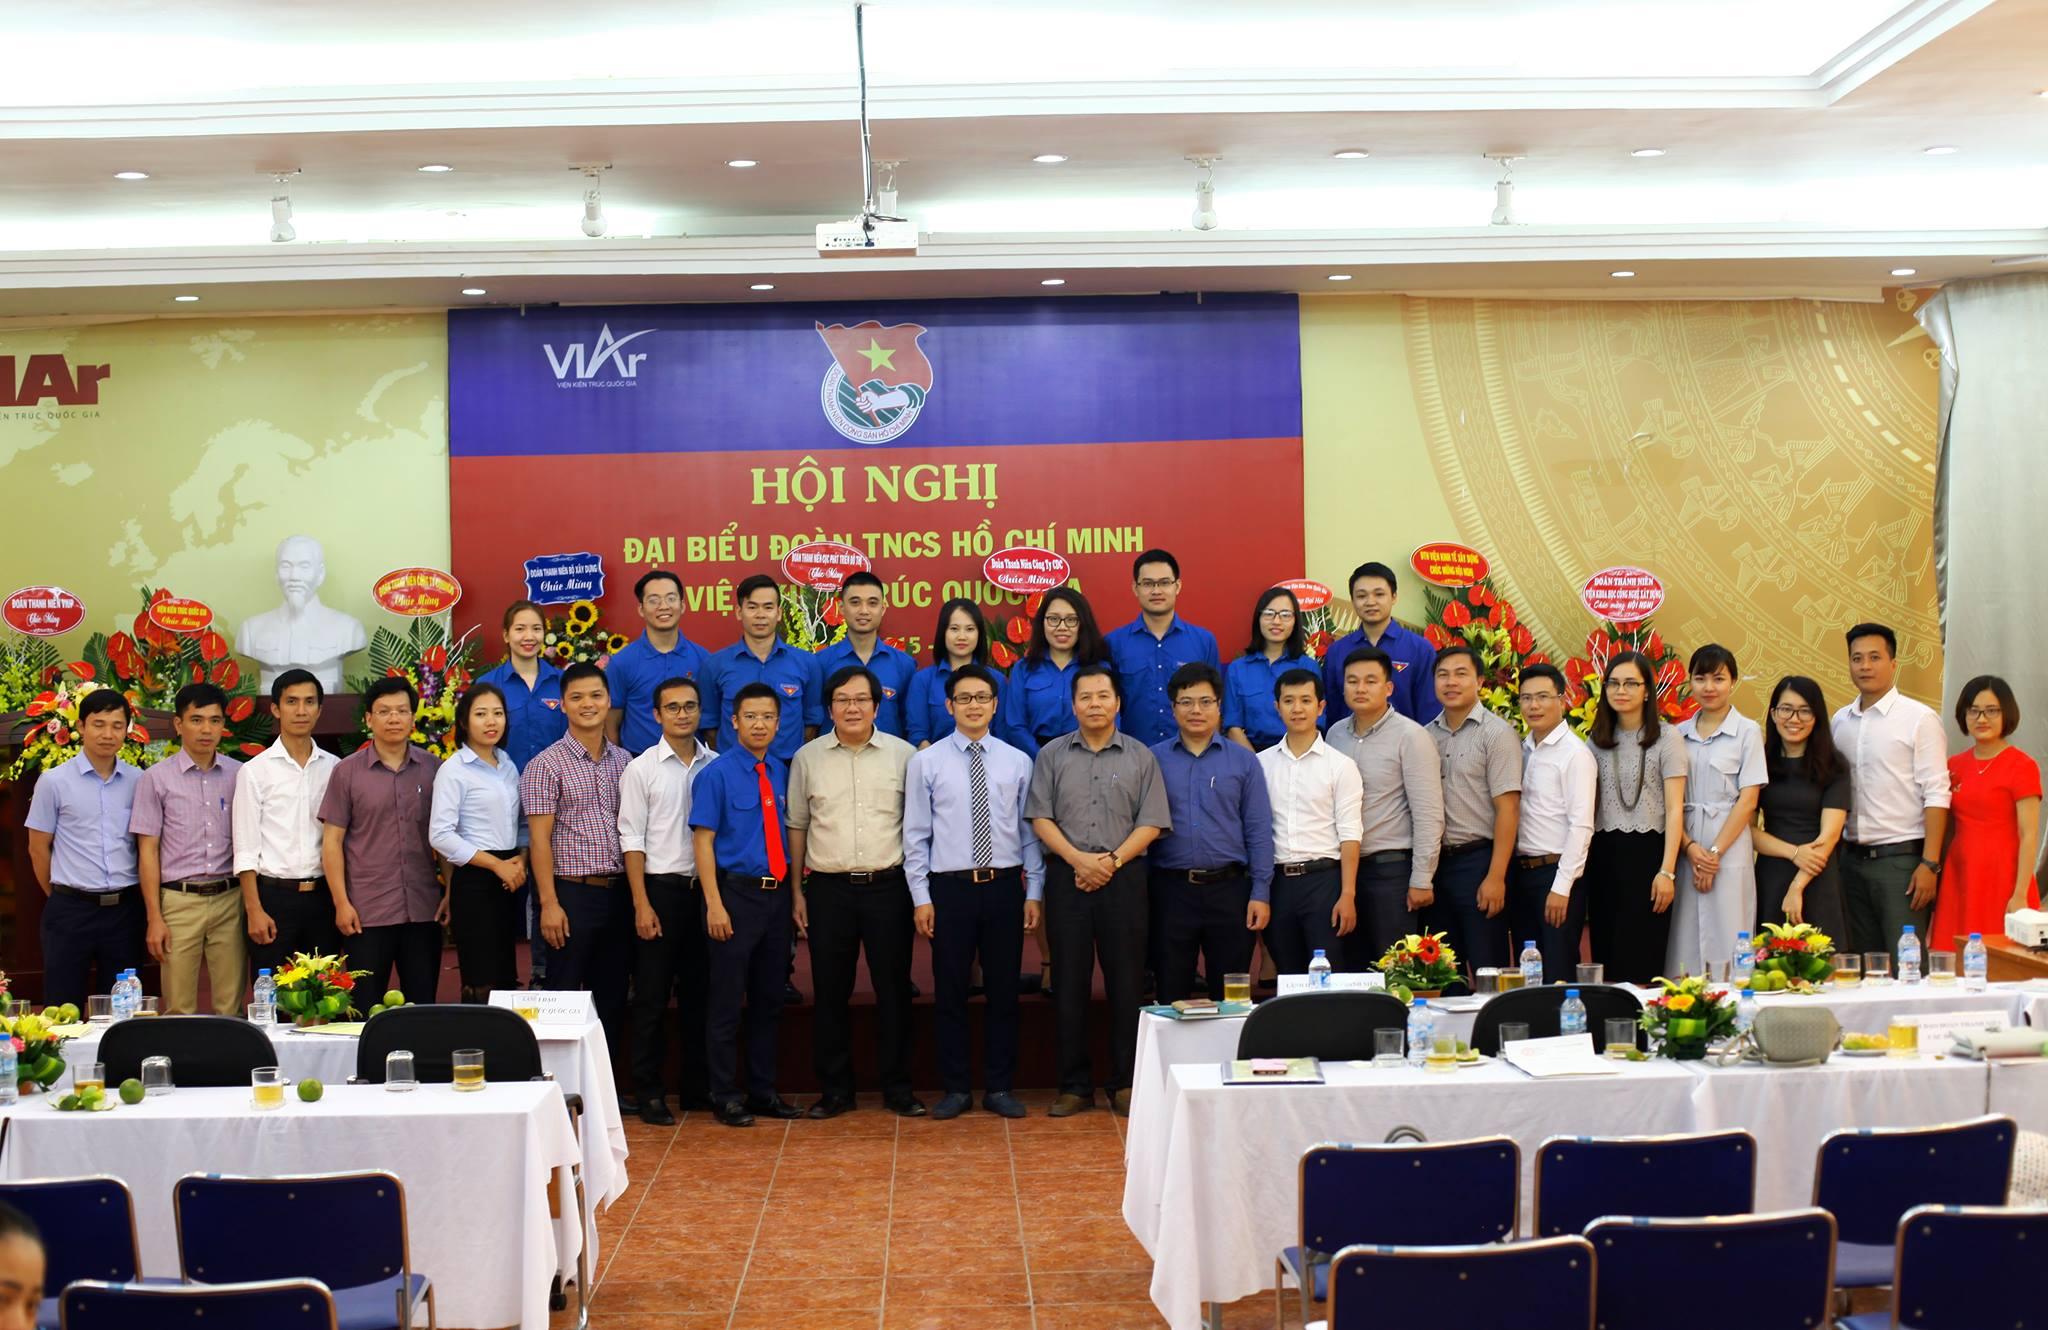 Hội nghị Đại biểu Đoàn TNCS HCM Viện Kiến trúc Quốc gia